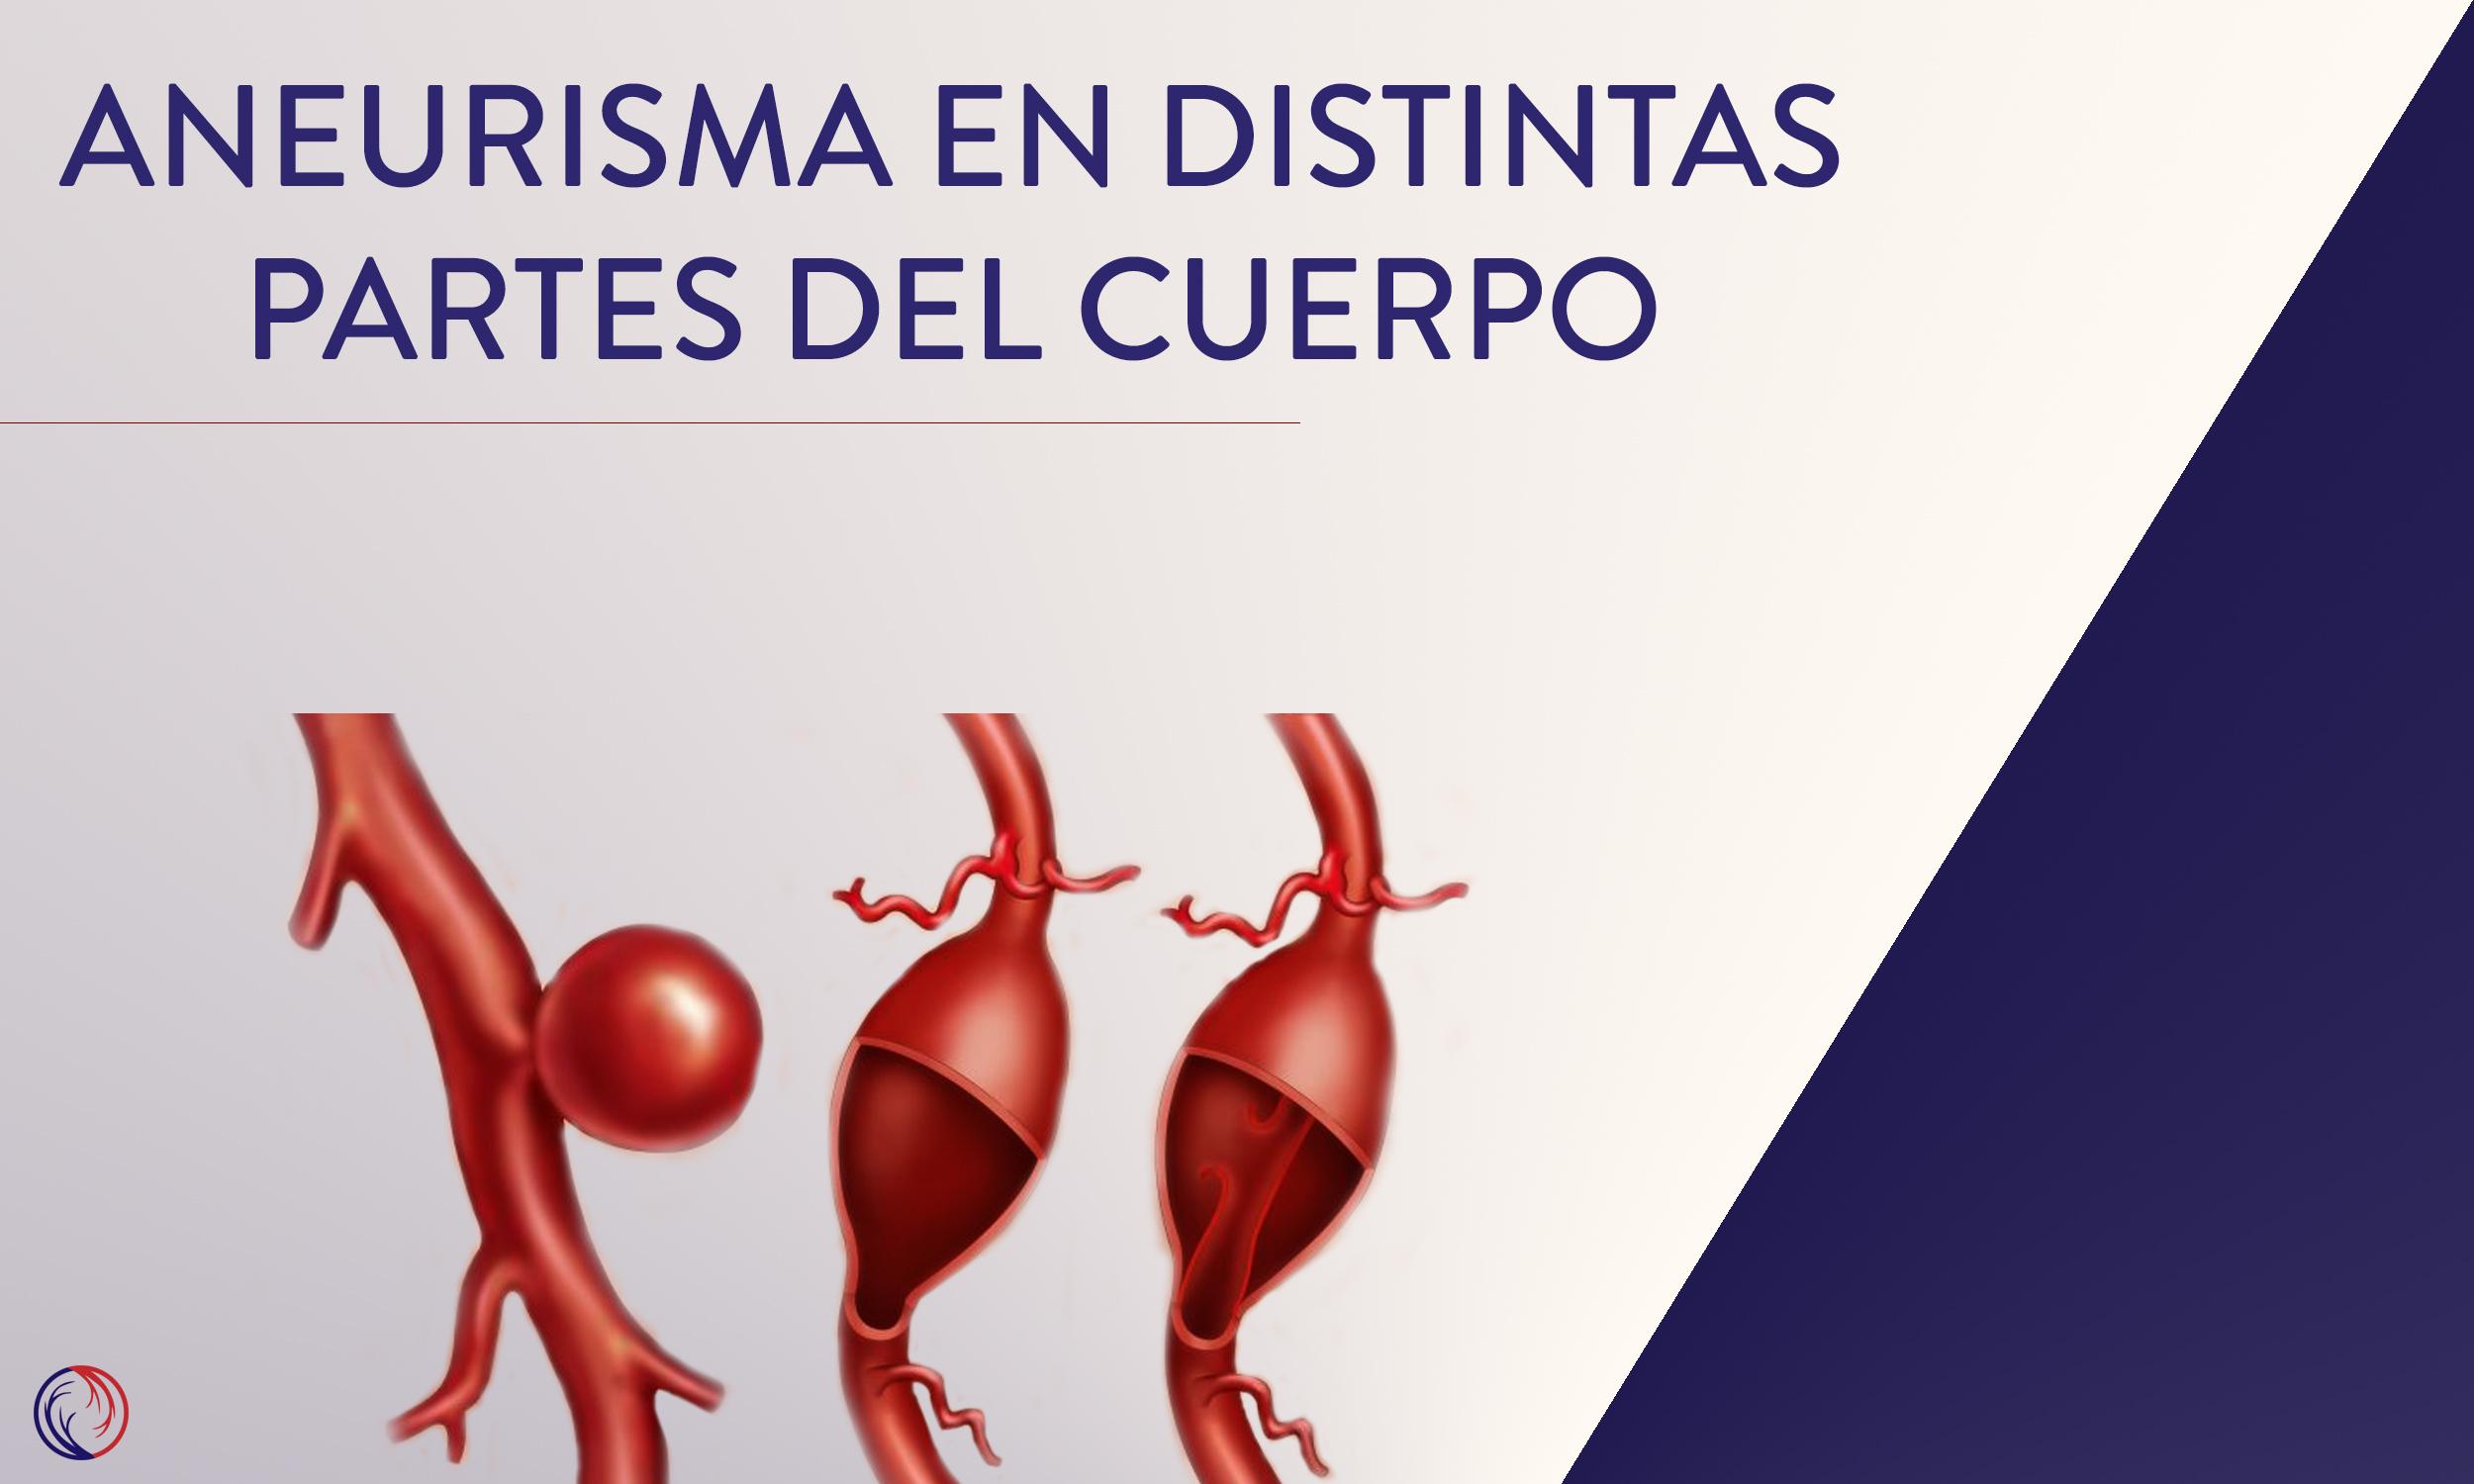 Aneurisma en distintas partes del cuerpo